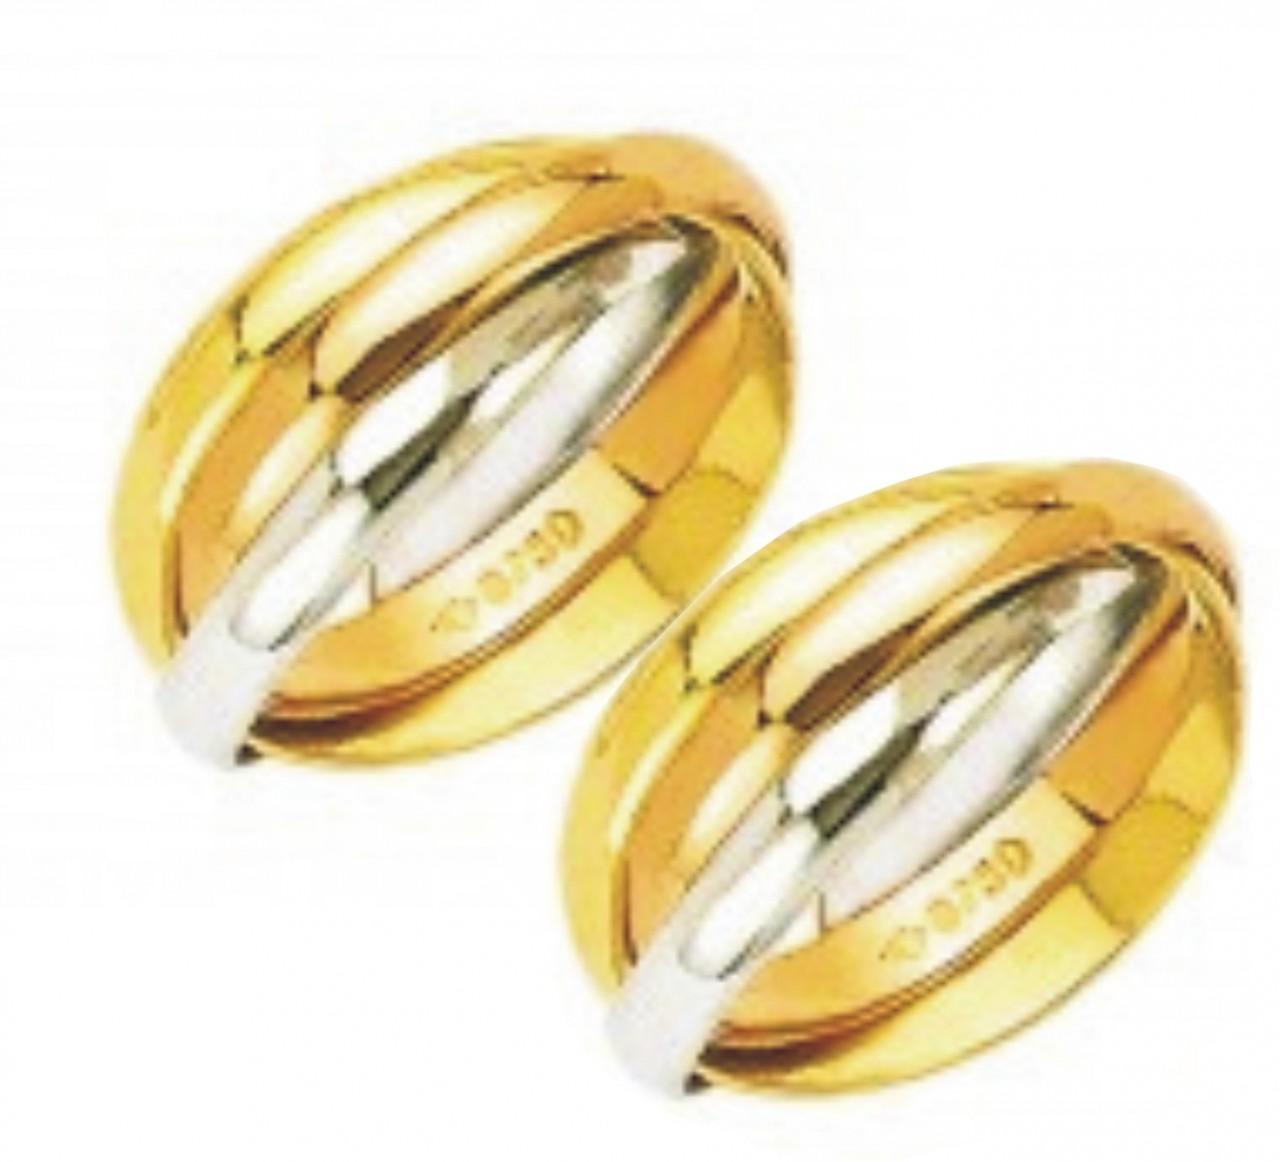 86686e131a7cd Par de aliança em ouro 18 k c  3 cores - O Garimpo - vitrine online